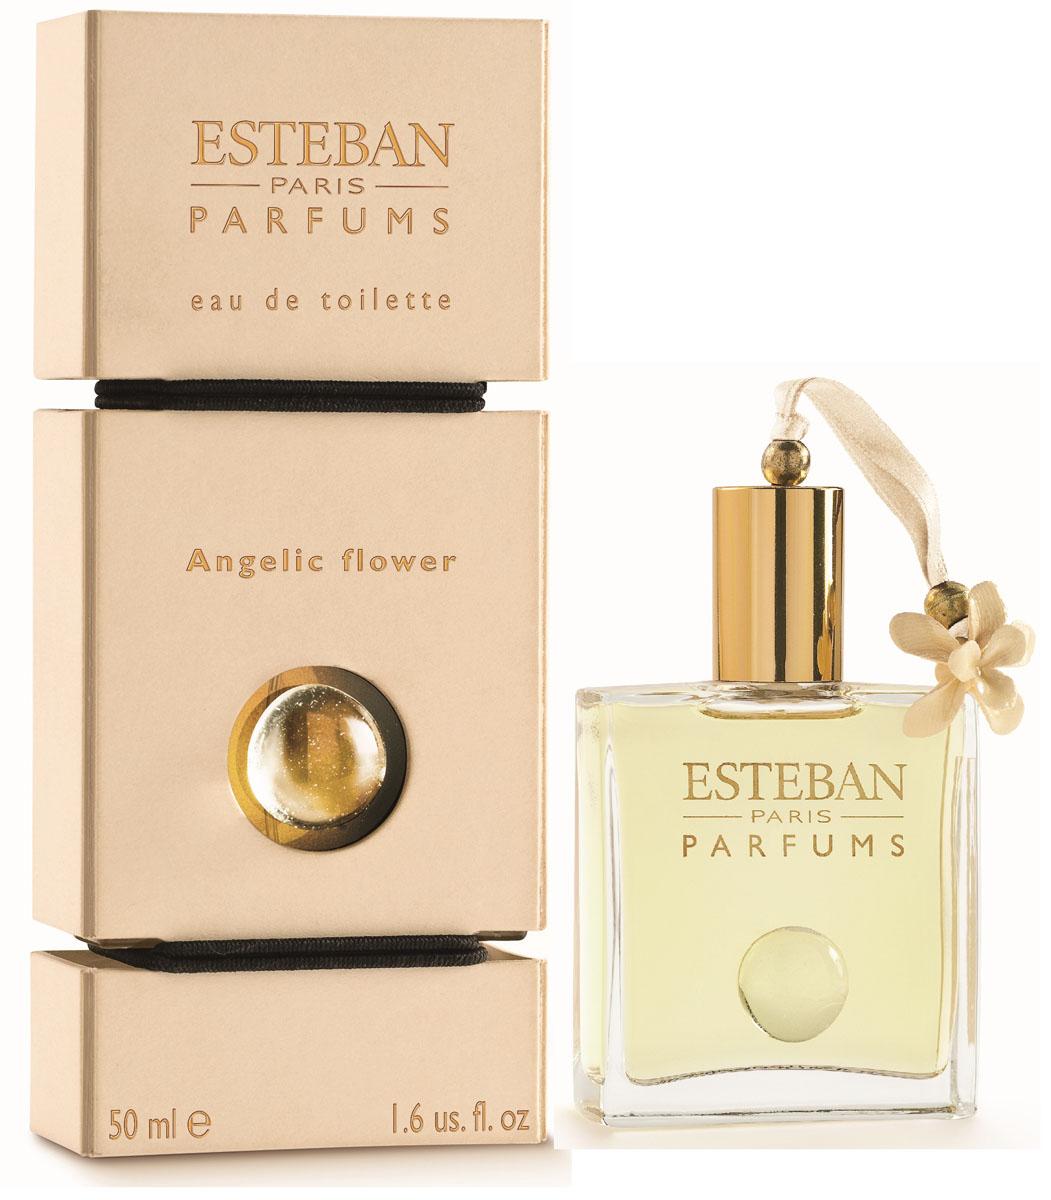 Esteban Collection Les Floraux Туалетная вода Angelic Flower 50 мл